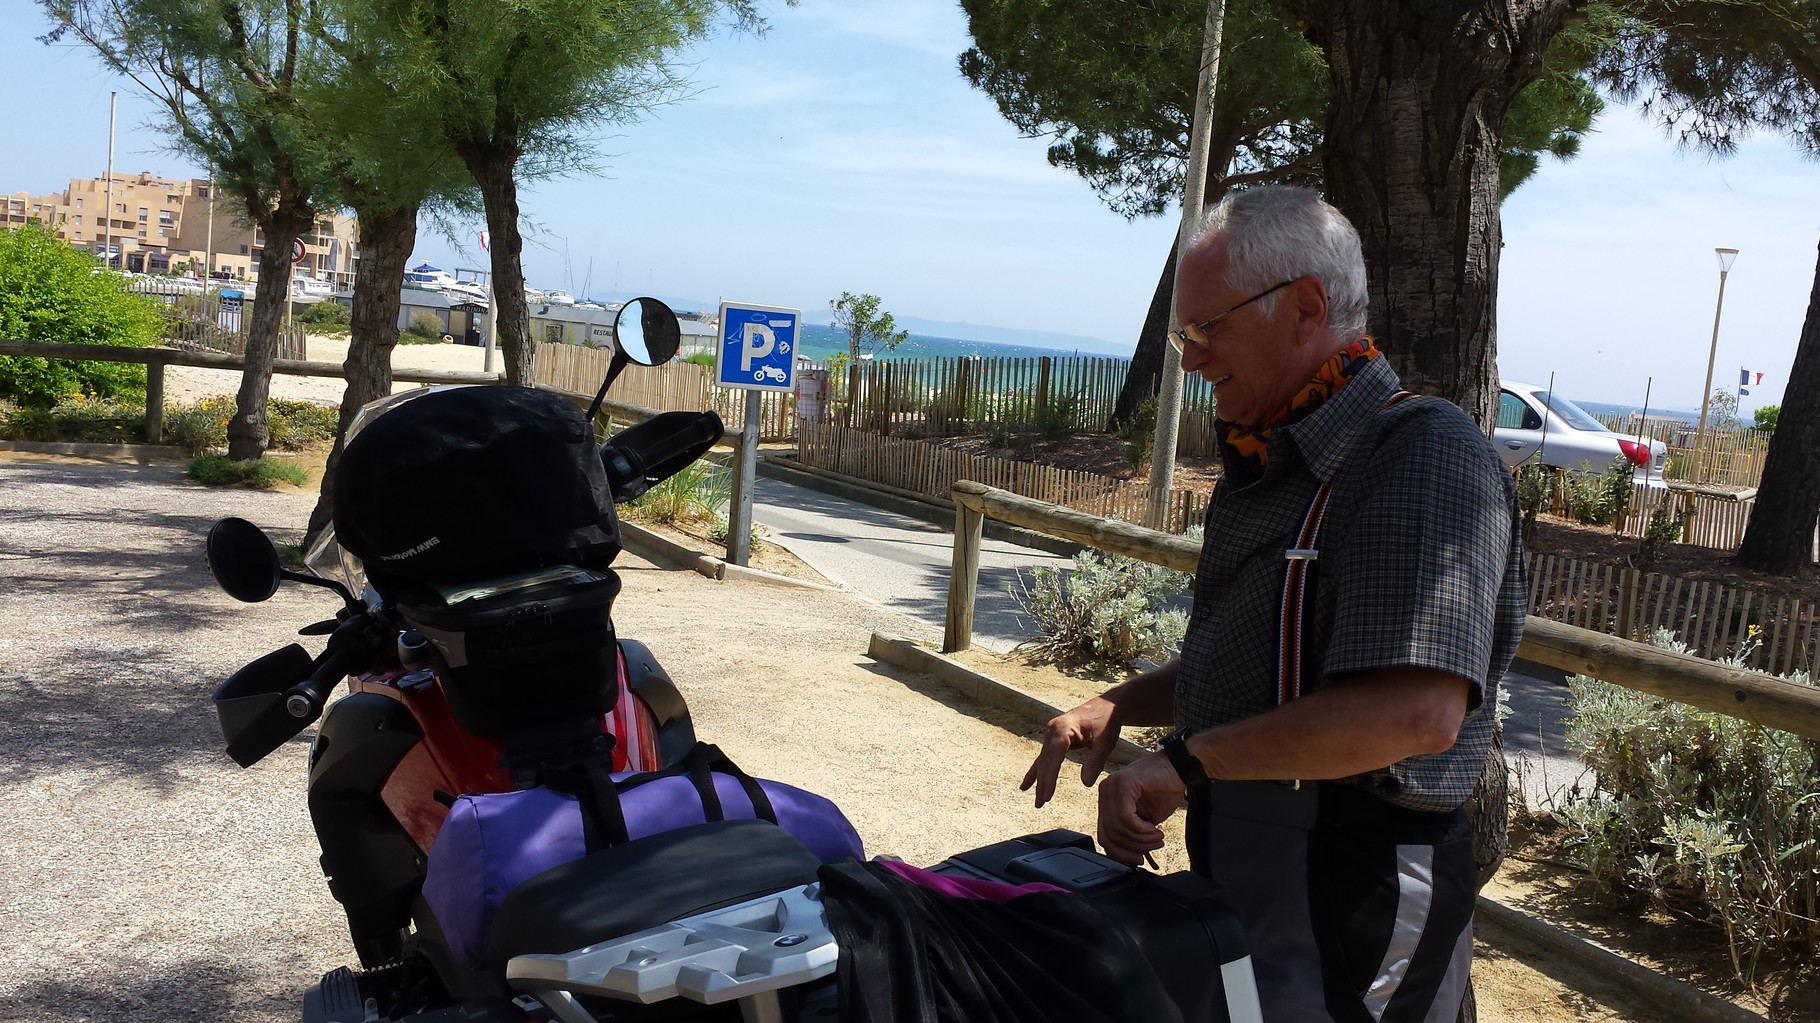 mit Moped an den Strand